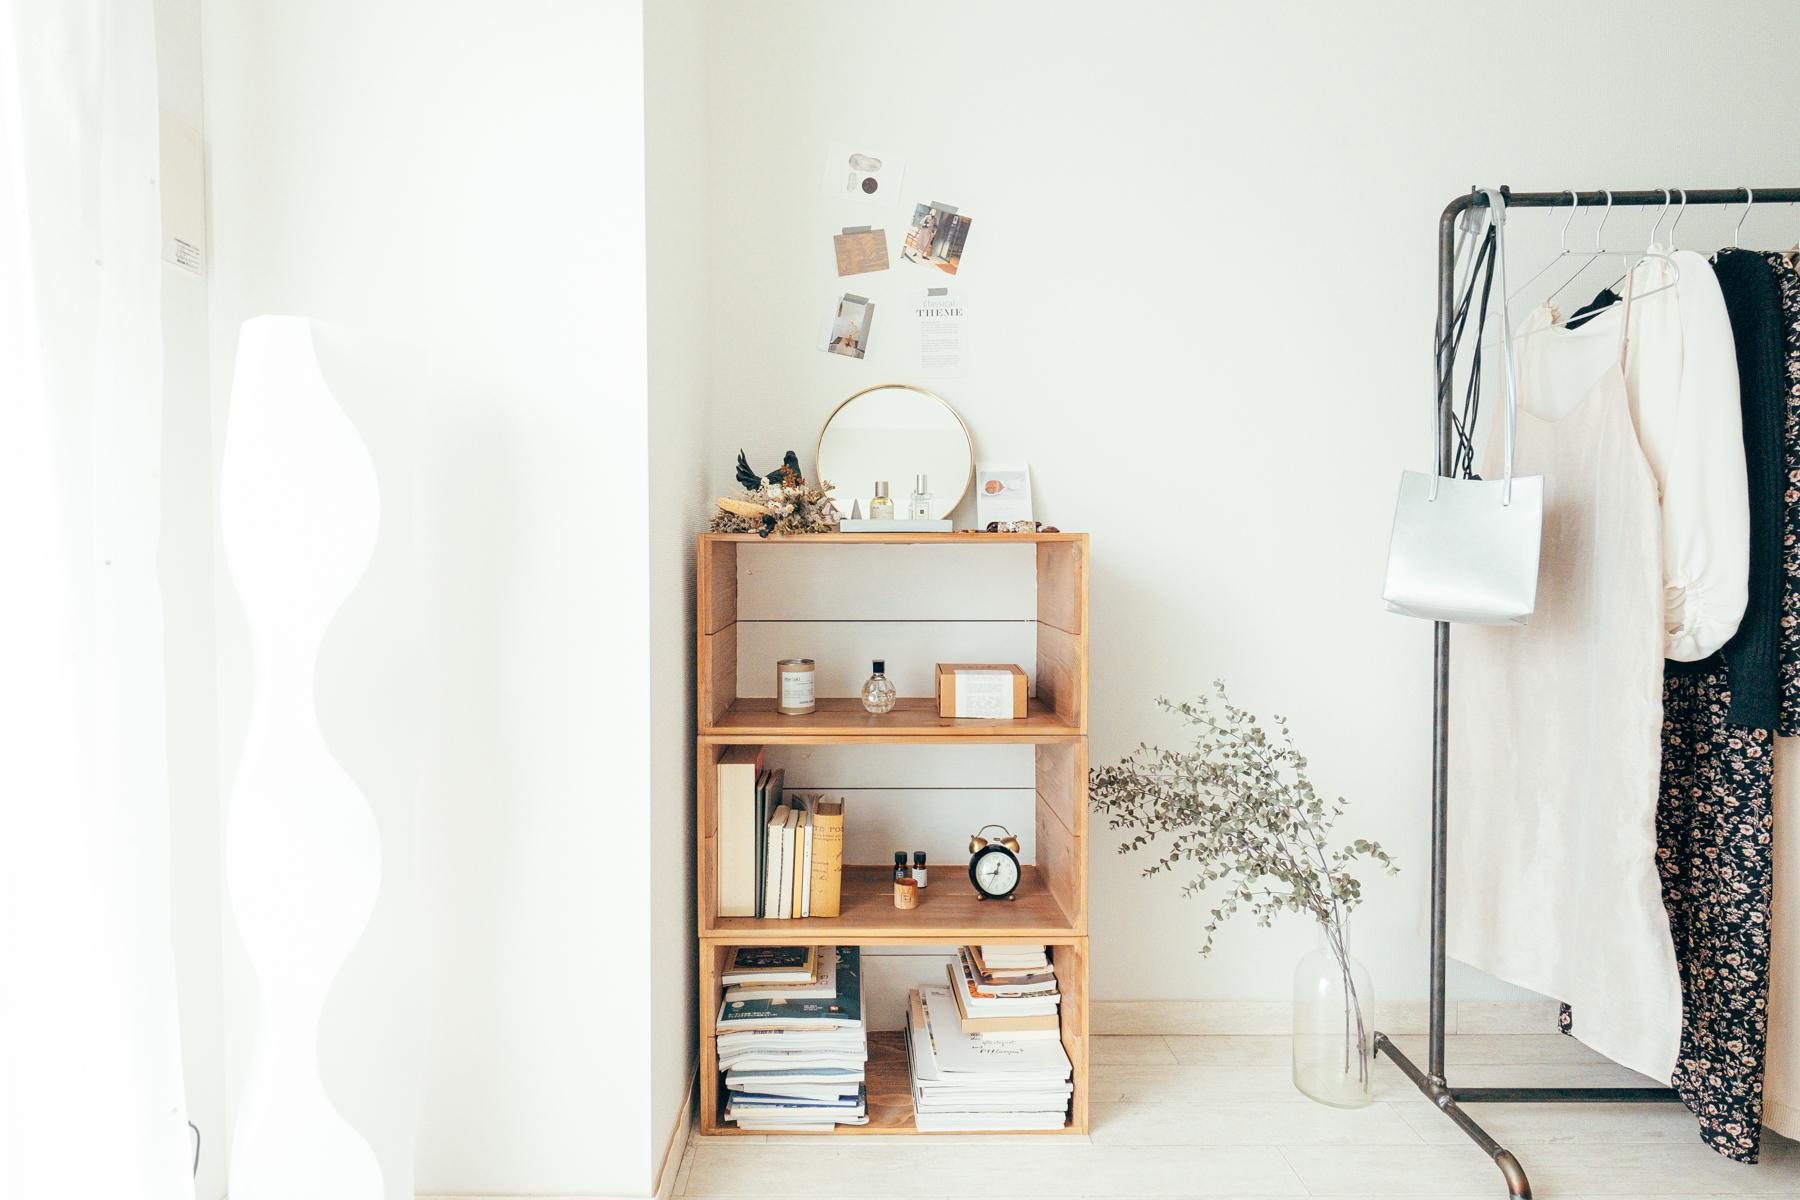 参考記事:余白が大事。収納棚をおしゃれに魅せる「飾り棚」の作り方